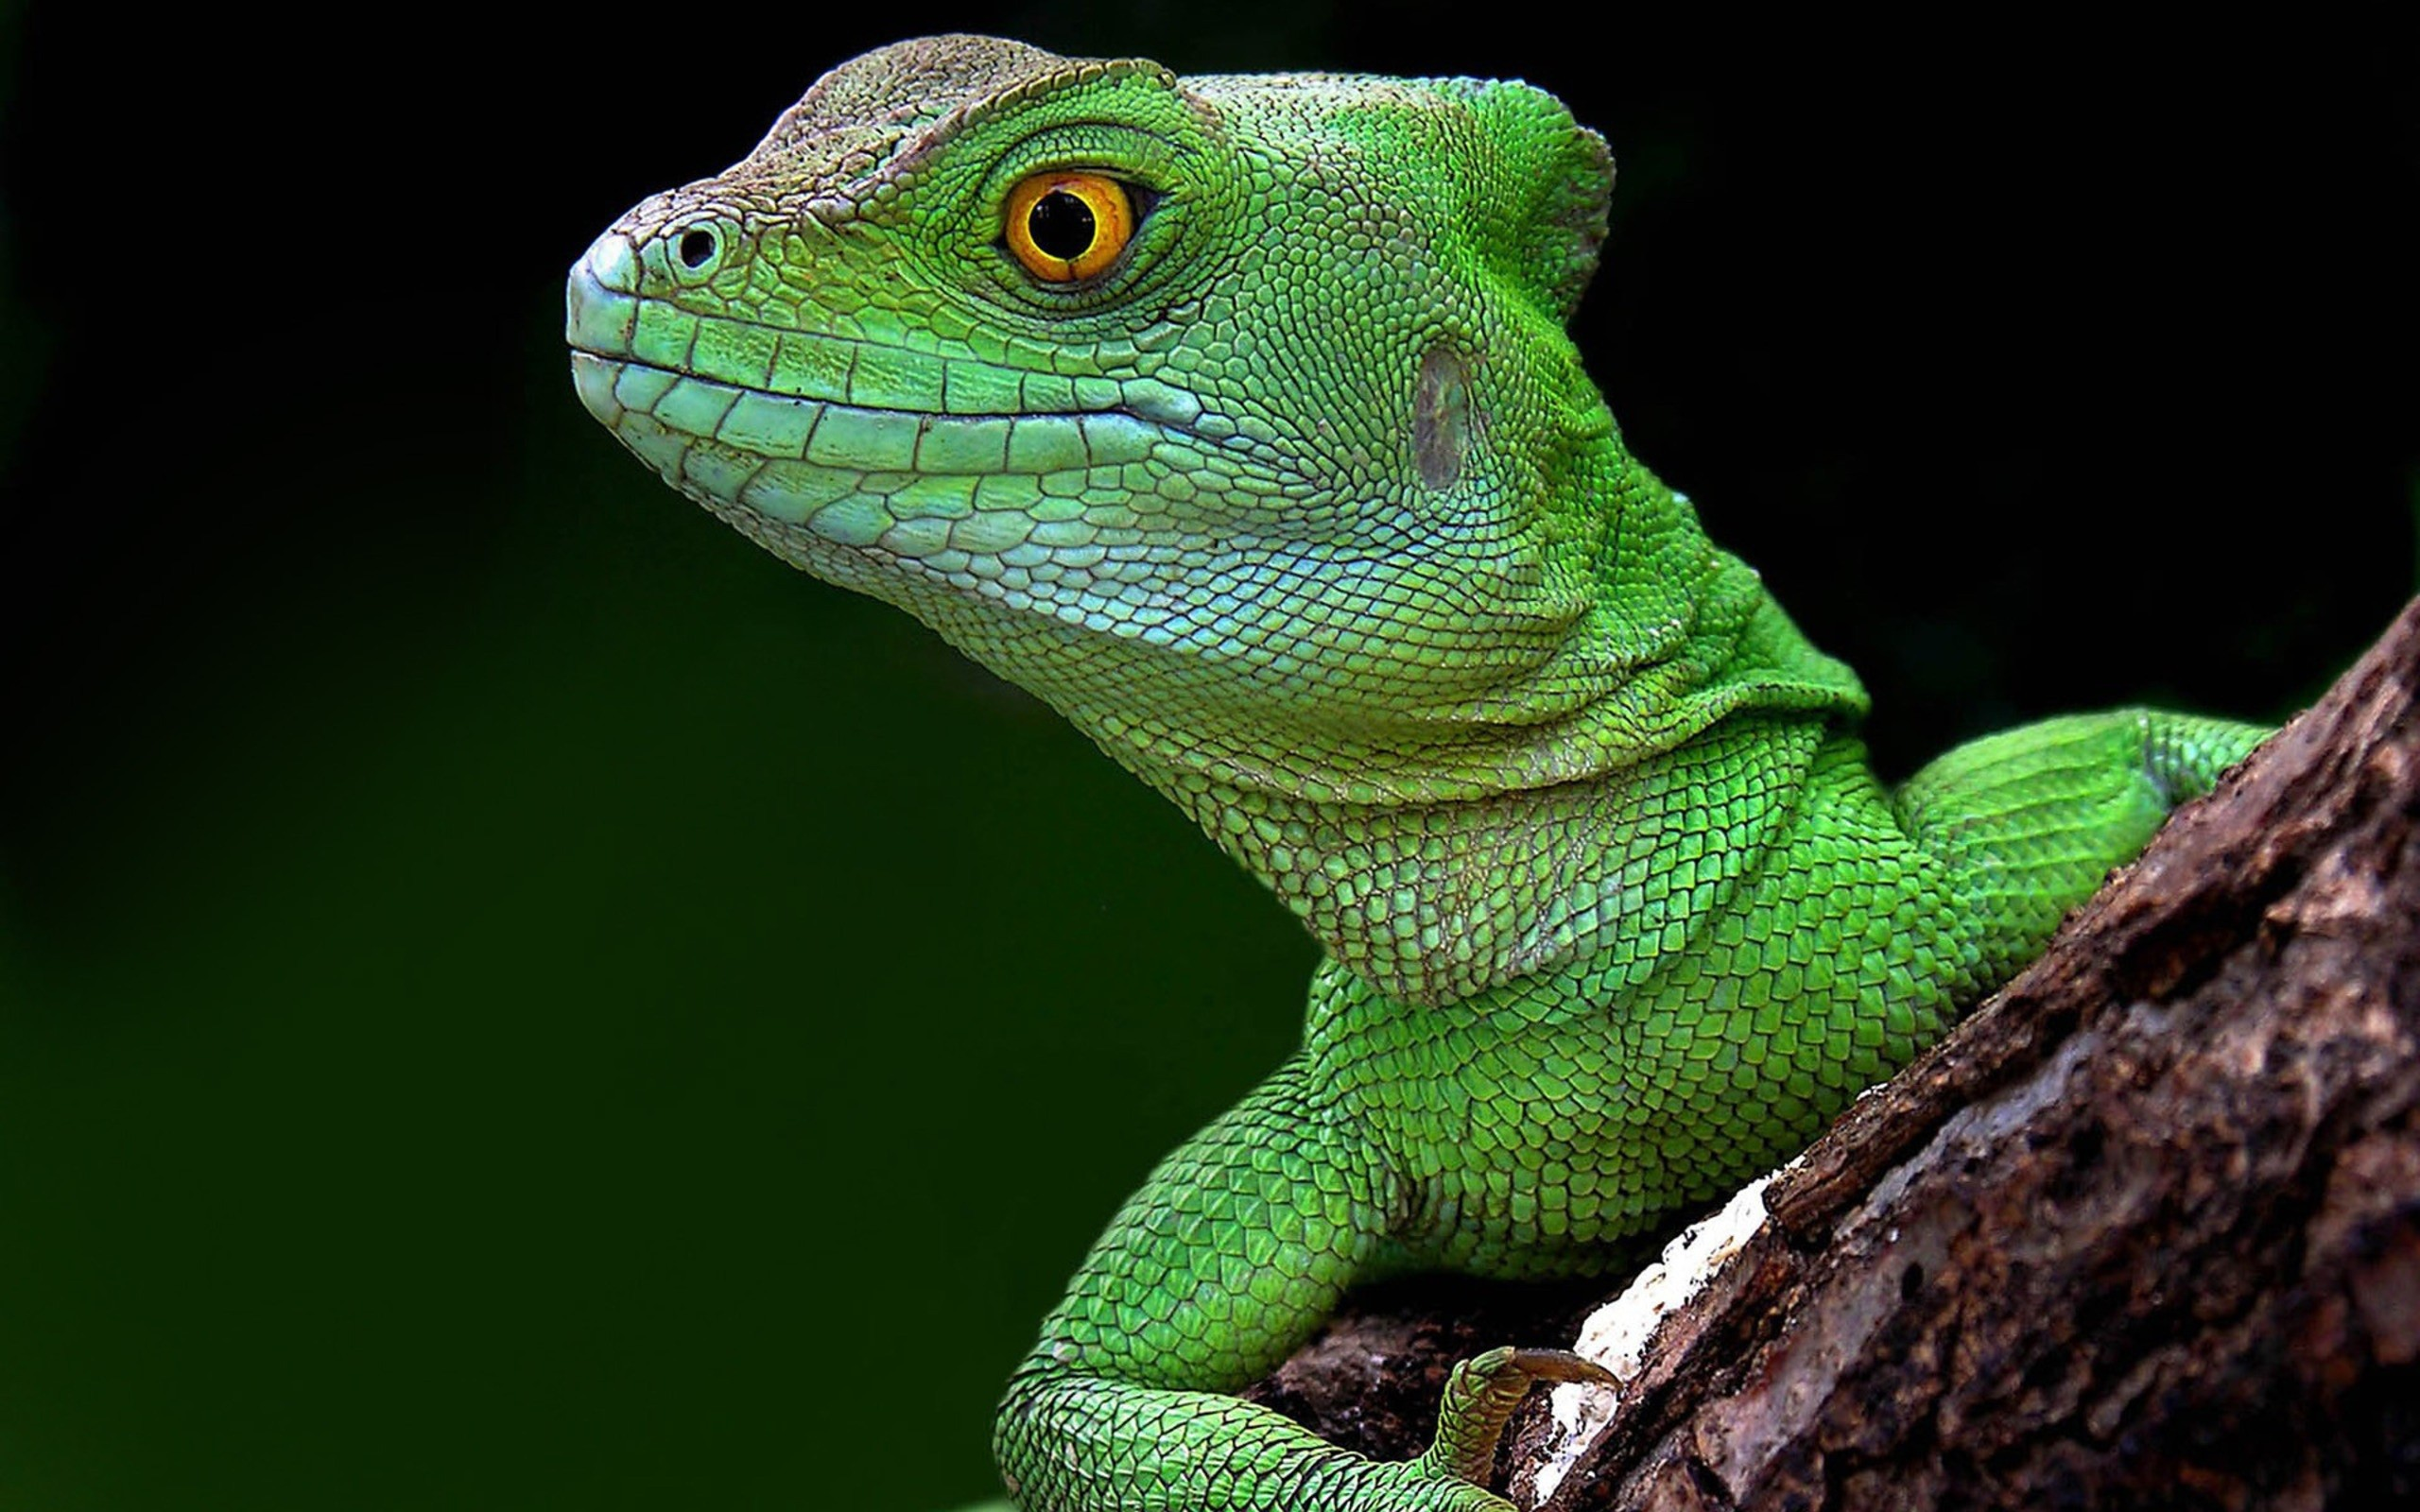 Lagarto verde - 2560x1600